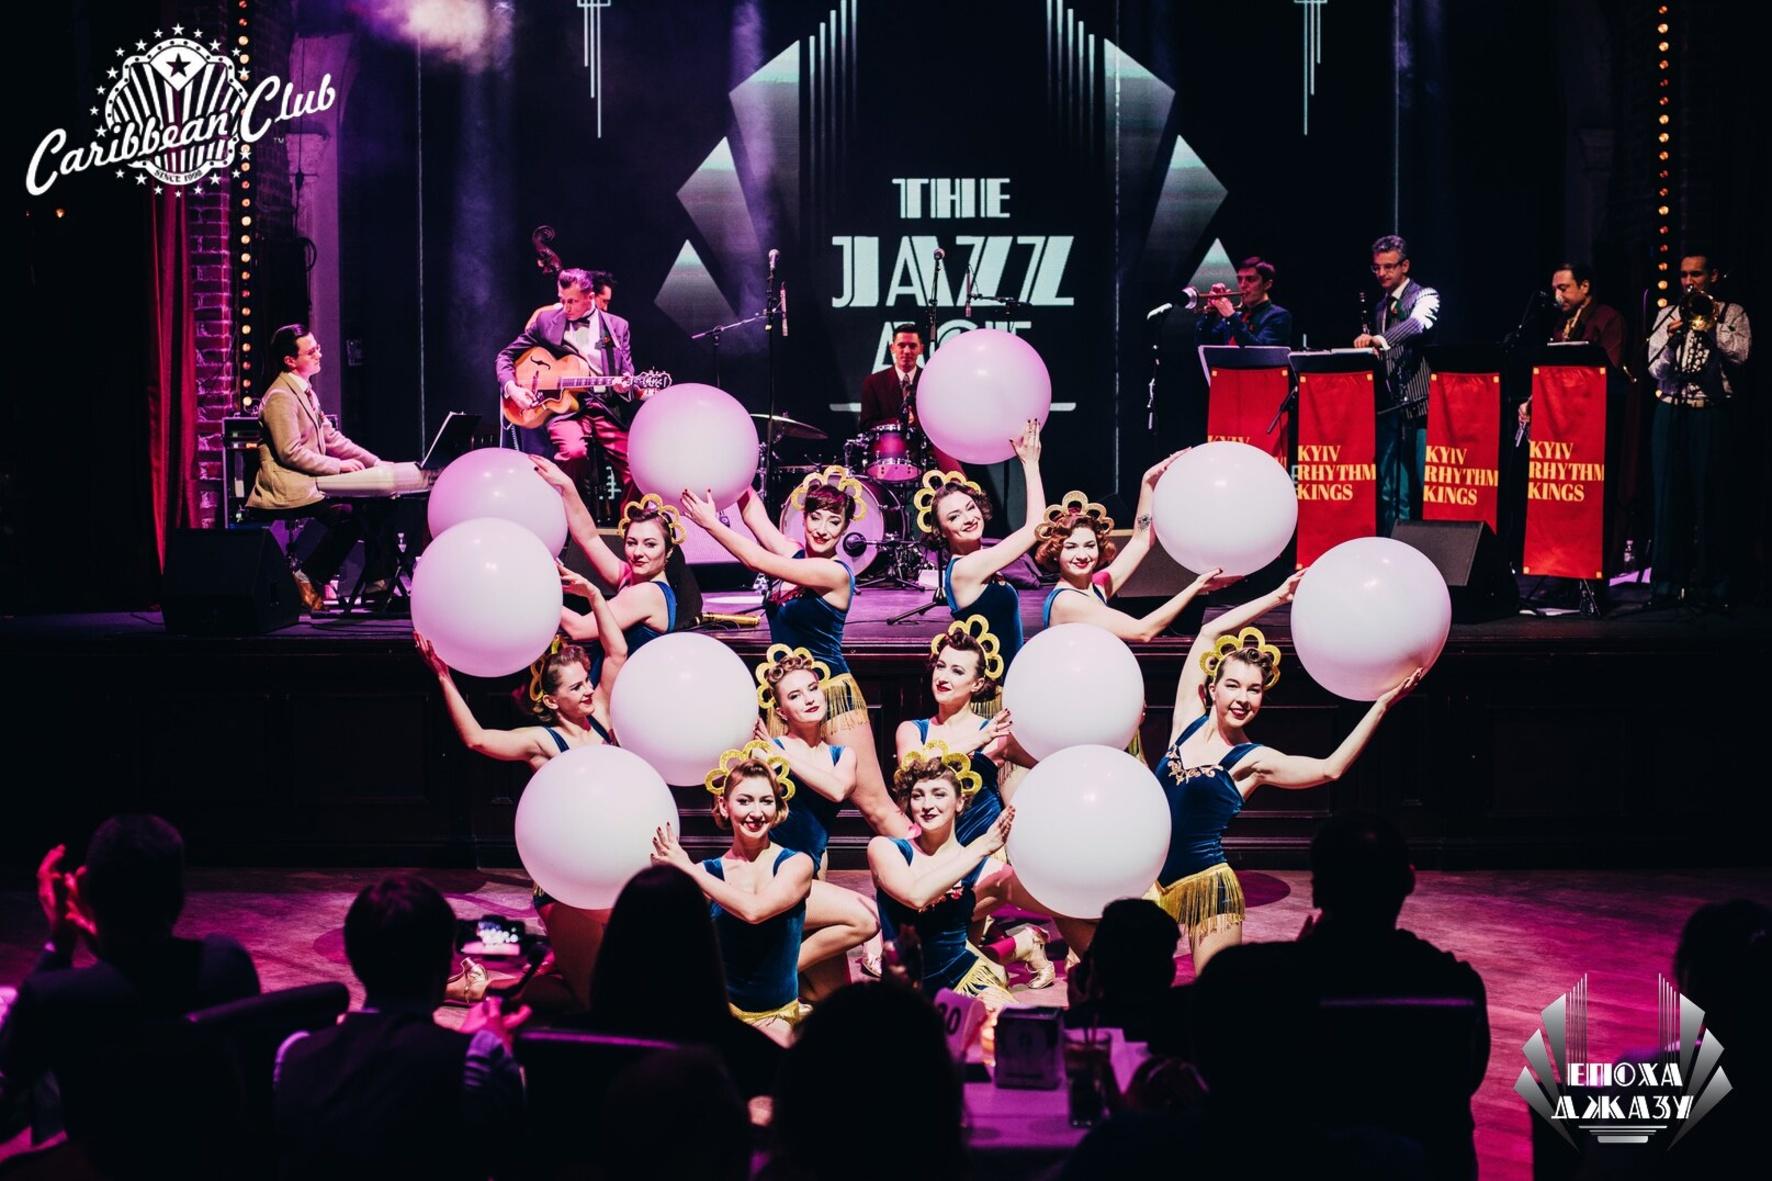 Caribbean Club та Radio Jazz запрошують на літню серію вечорів «Джазовий квартирник»